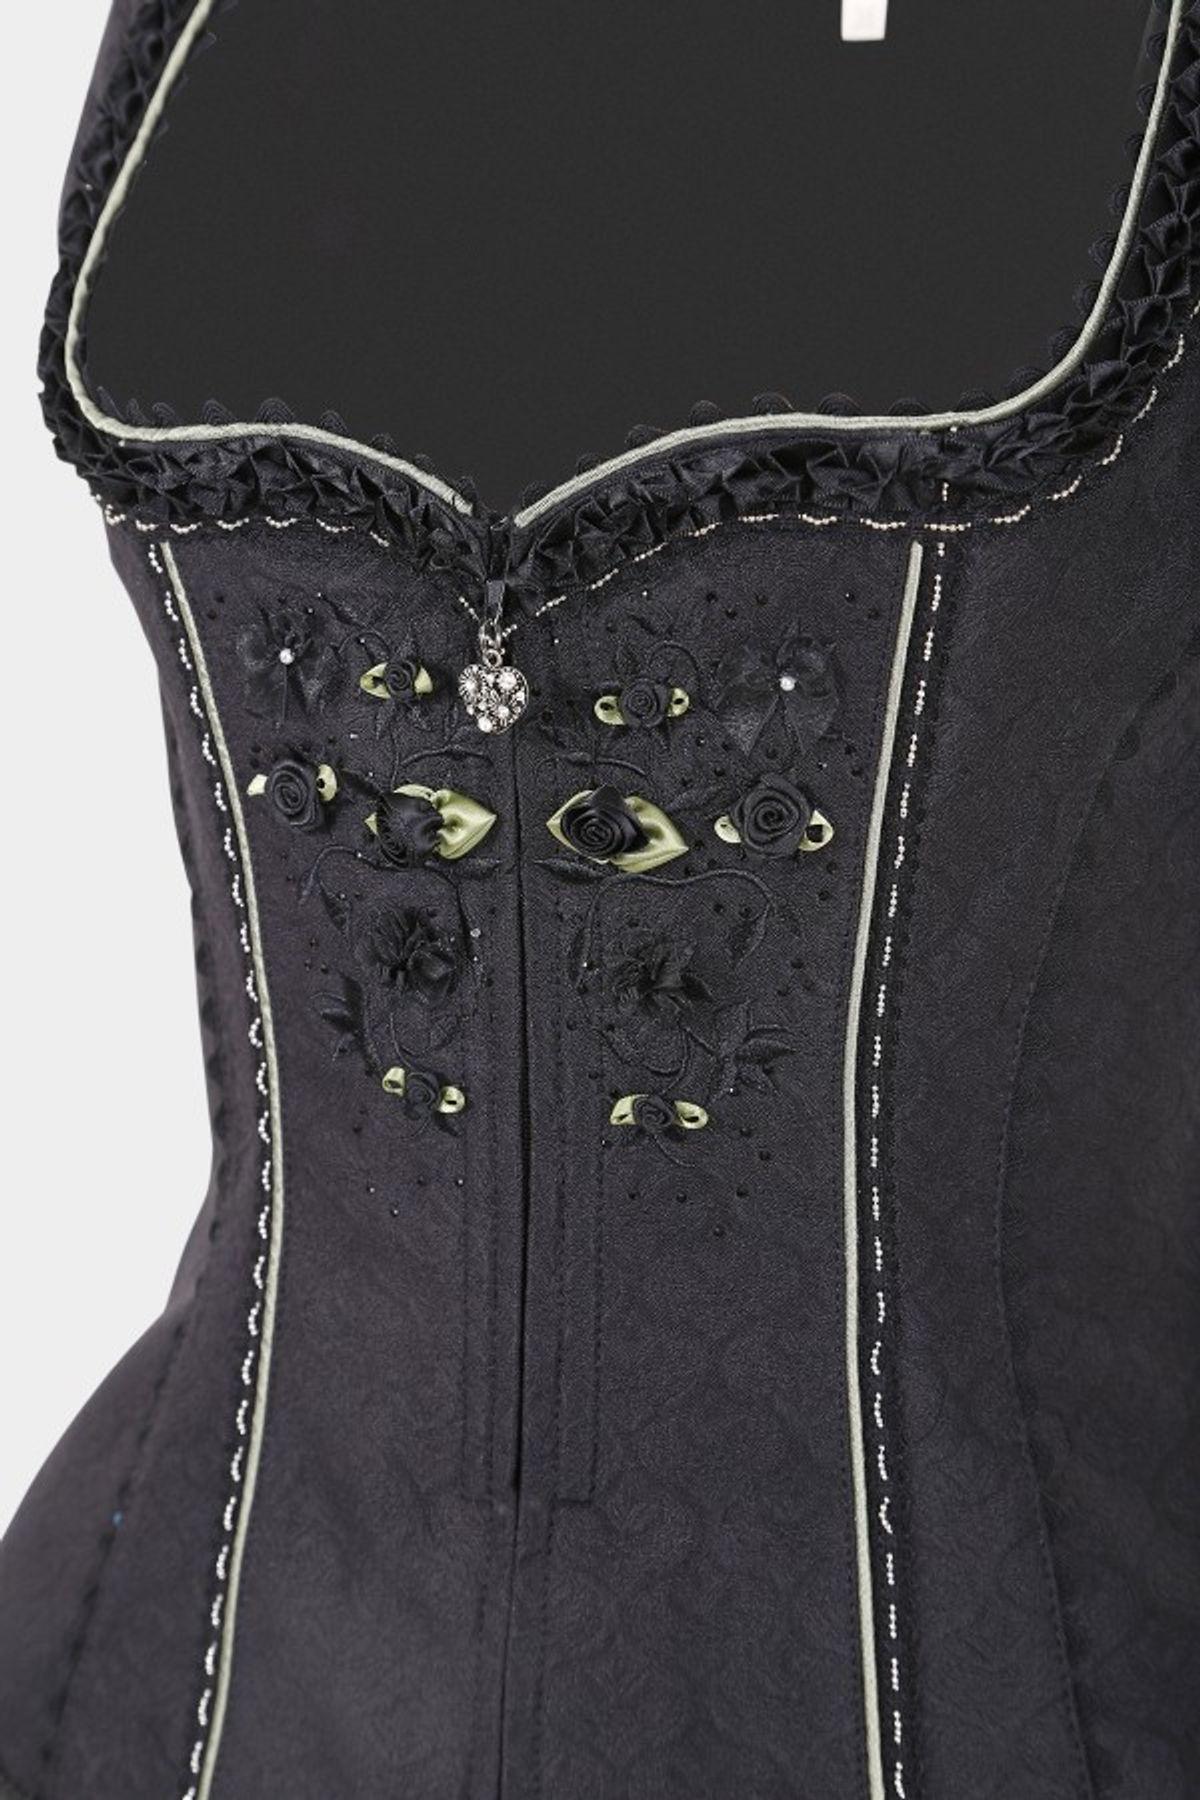 Krüger - Damen Trachtenmieder in schwarz, Black Rose (25502-4) – Bild 3